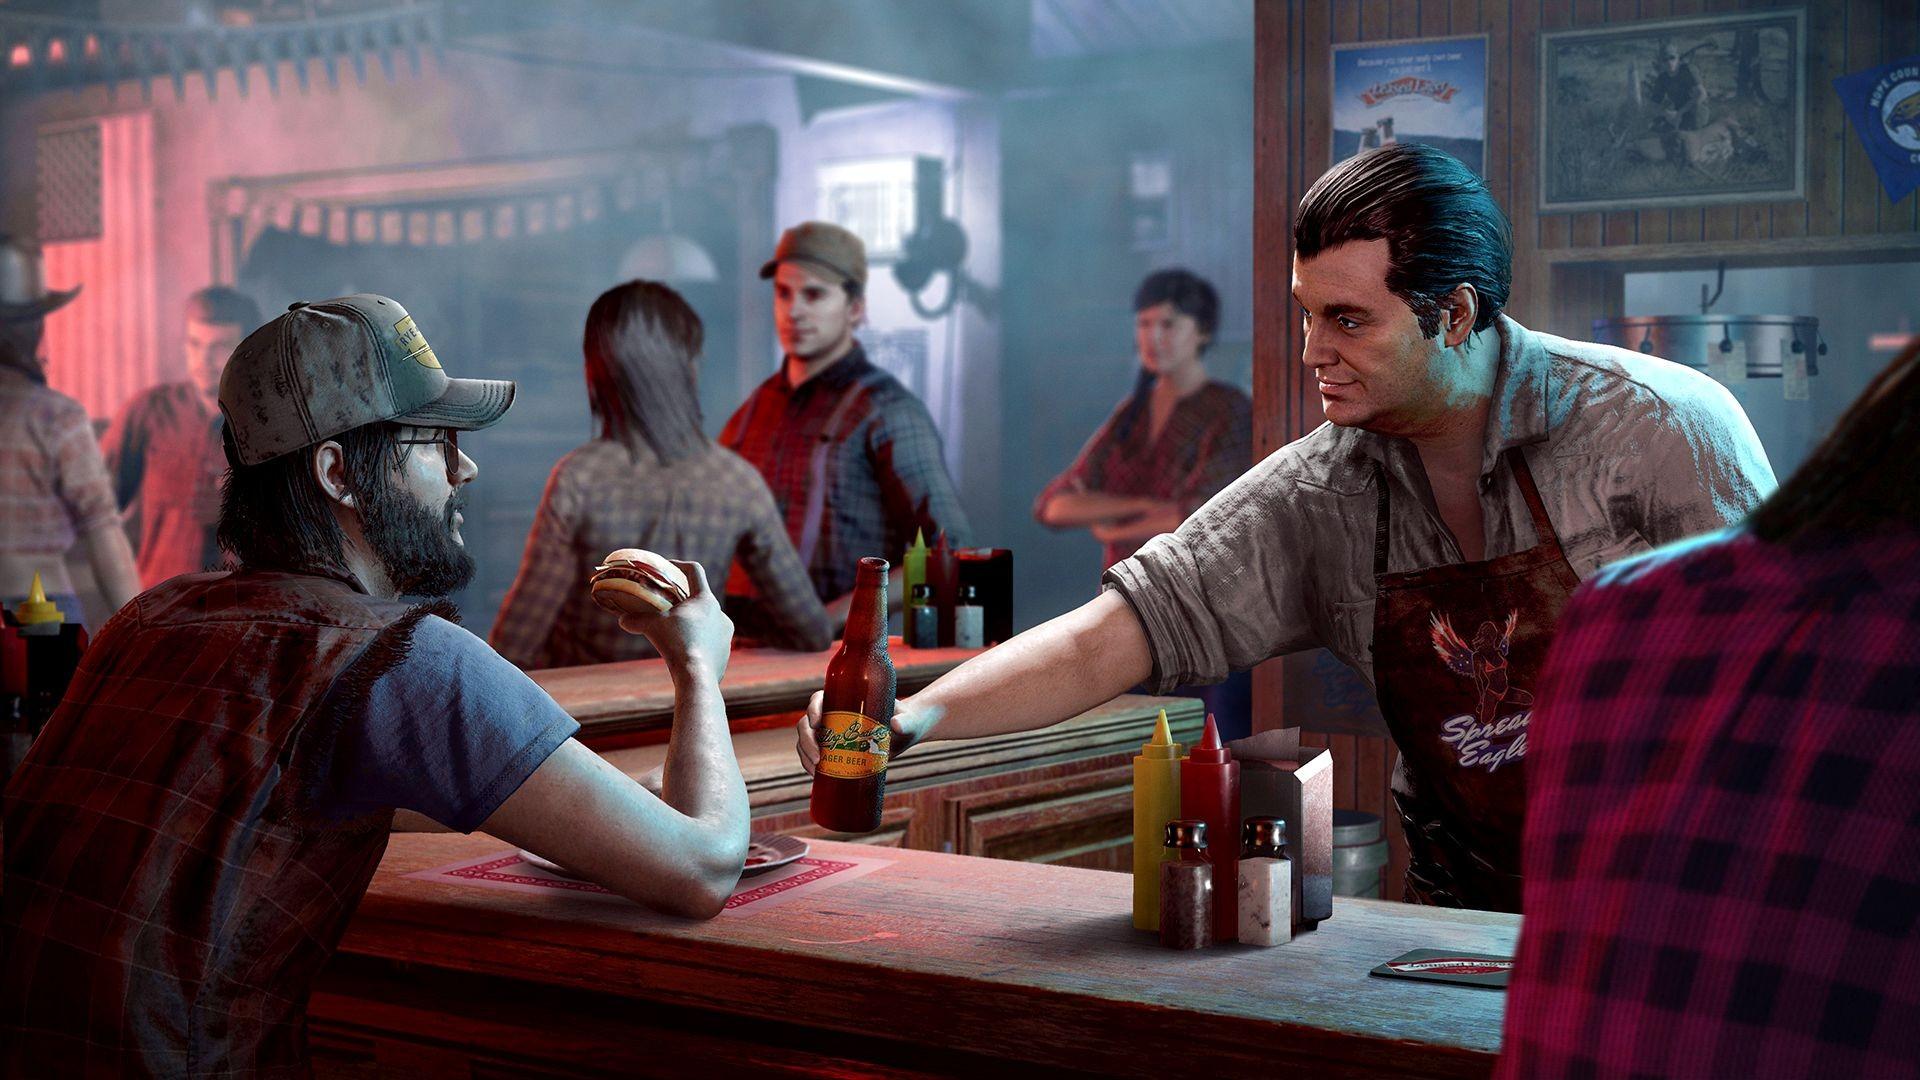 Опубликован новый трейлер Far Cry 5, много видео геймплея и новые скриншоты